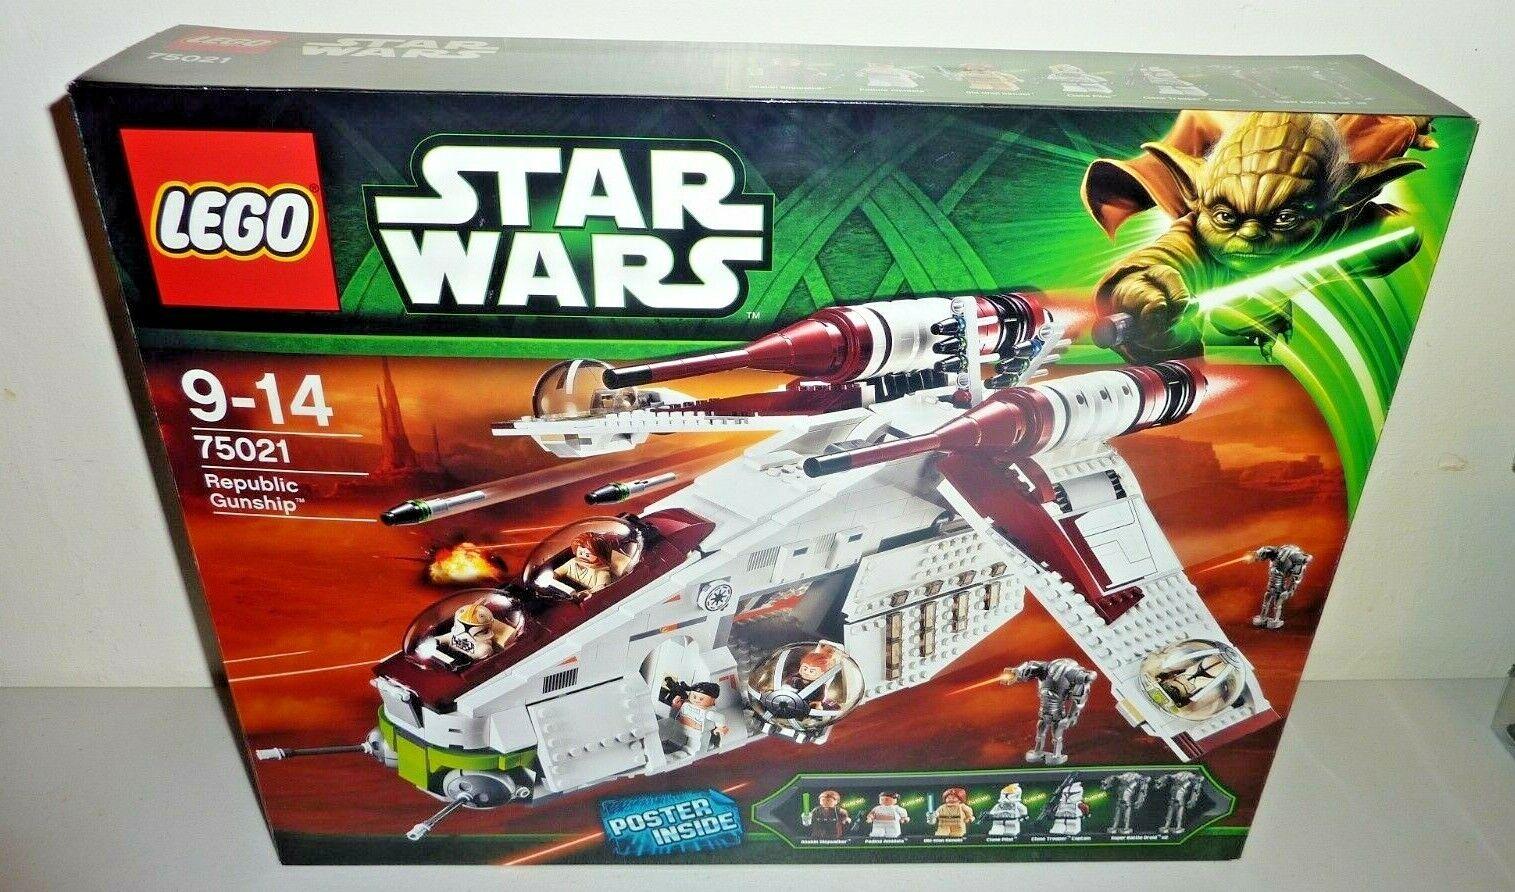 Lego Stern wars 75021 republic gunship new sealed